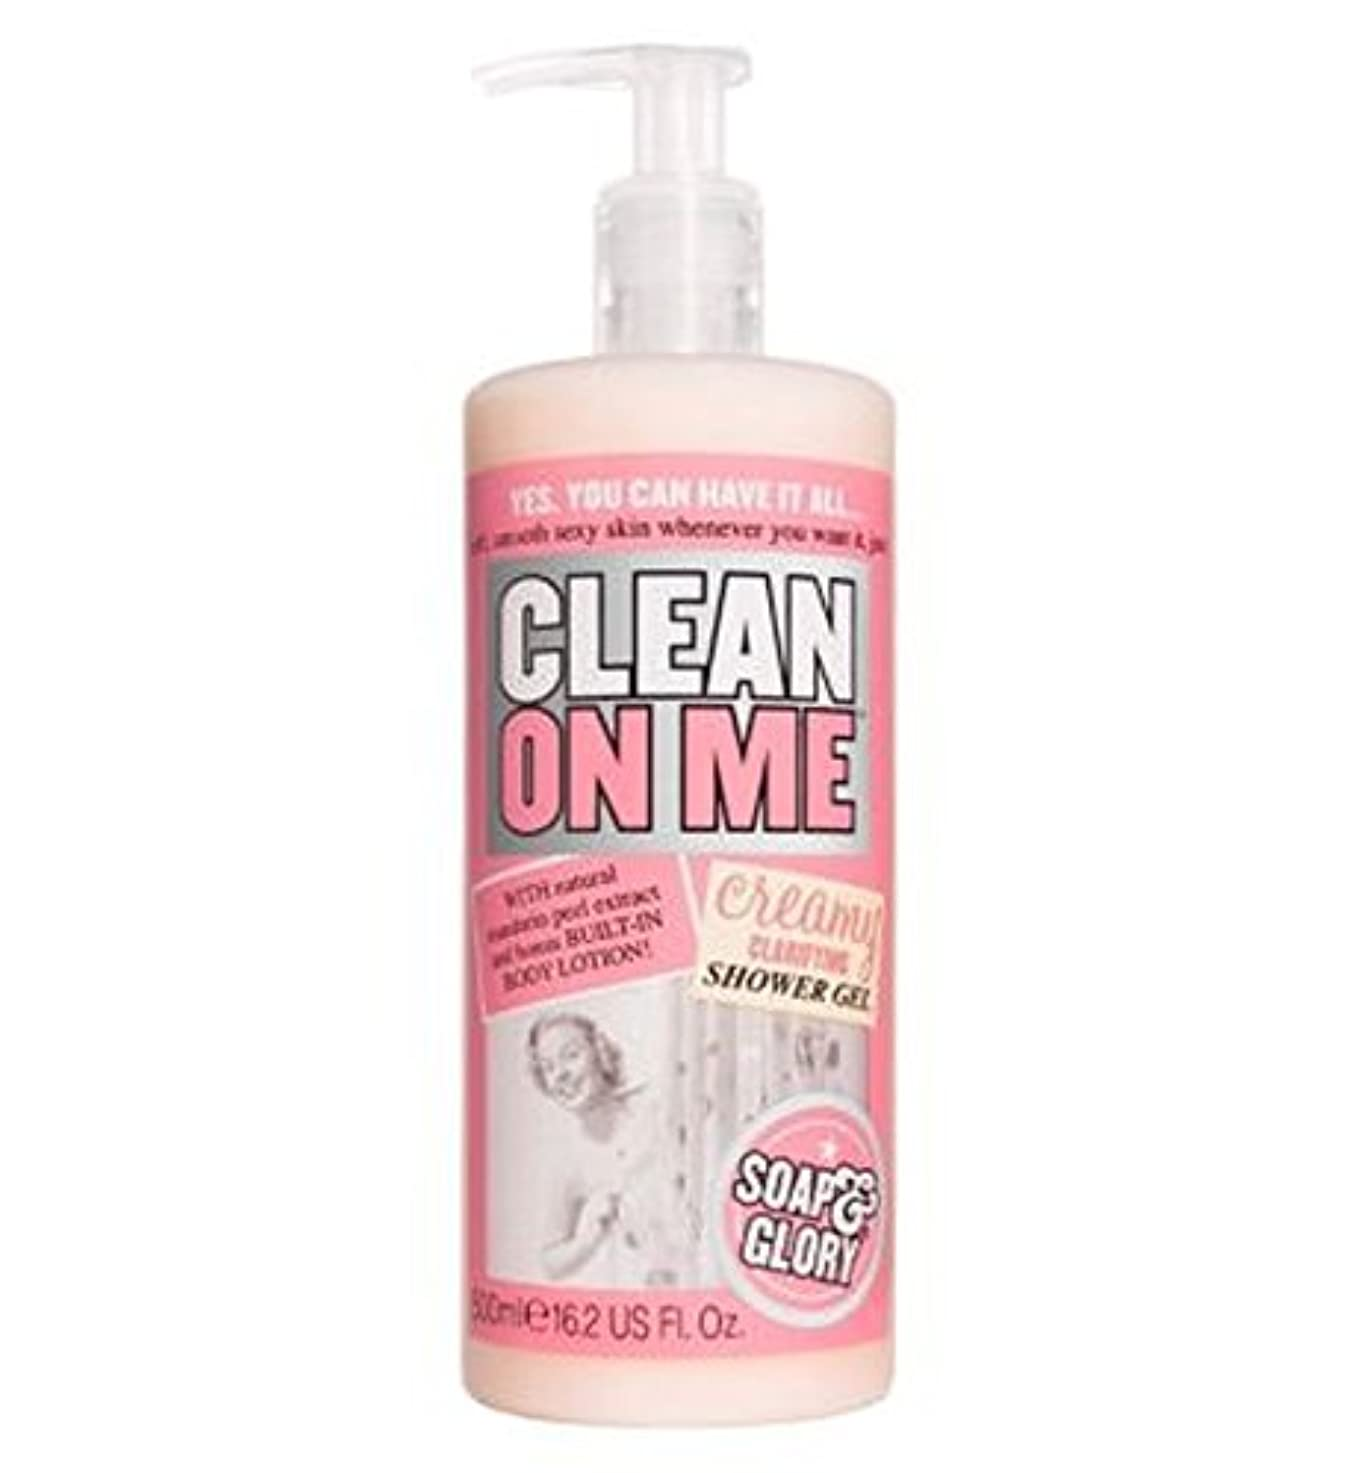 酸度蓋クアッガSoap & Glory Clean On Me Creamy Clarifying Shower Gel 500ml - 私にきれいな石鹸&栄光はシャワージェル500ミリリットルを明確にクリーミー (Soap & Glory...